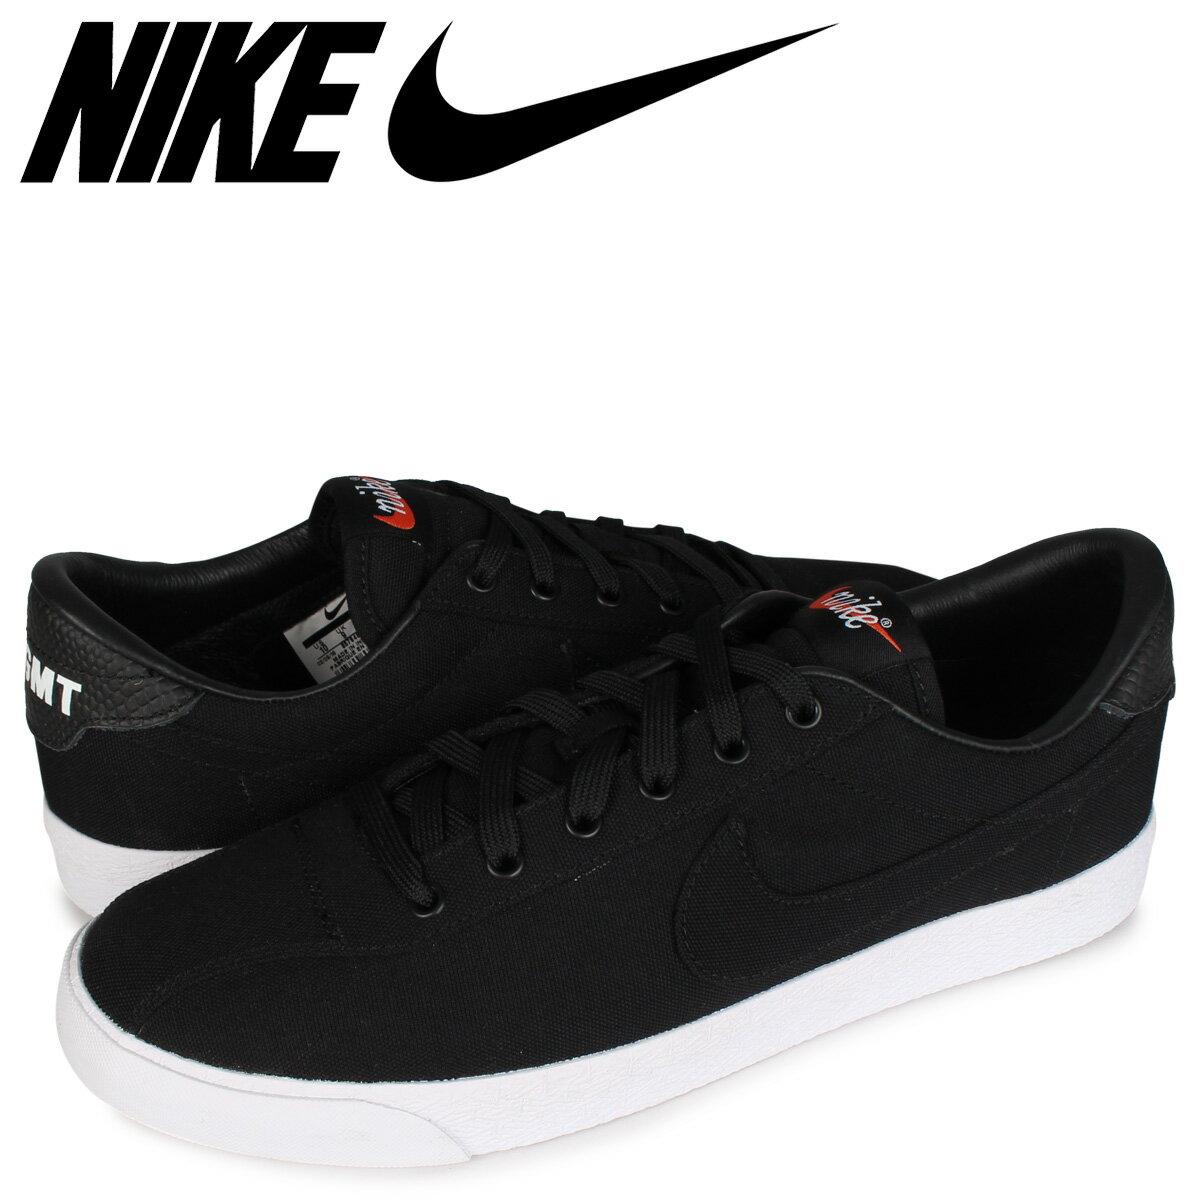 メンズ靴, スニーカー 2000OFF NIKE AIR ZOOM LAUDERDALE FRAGMENT DESIGN 857948-001